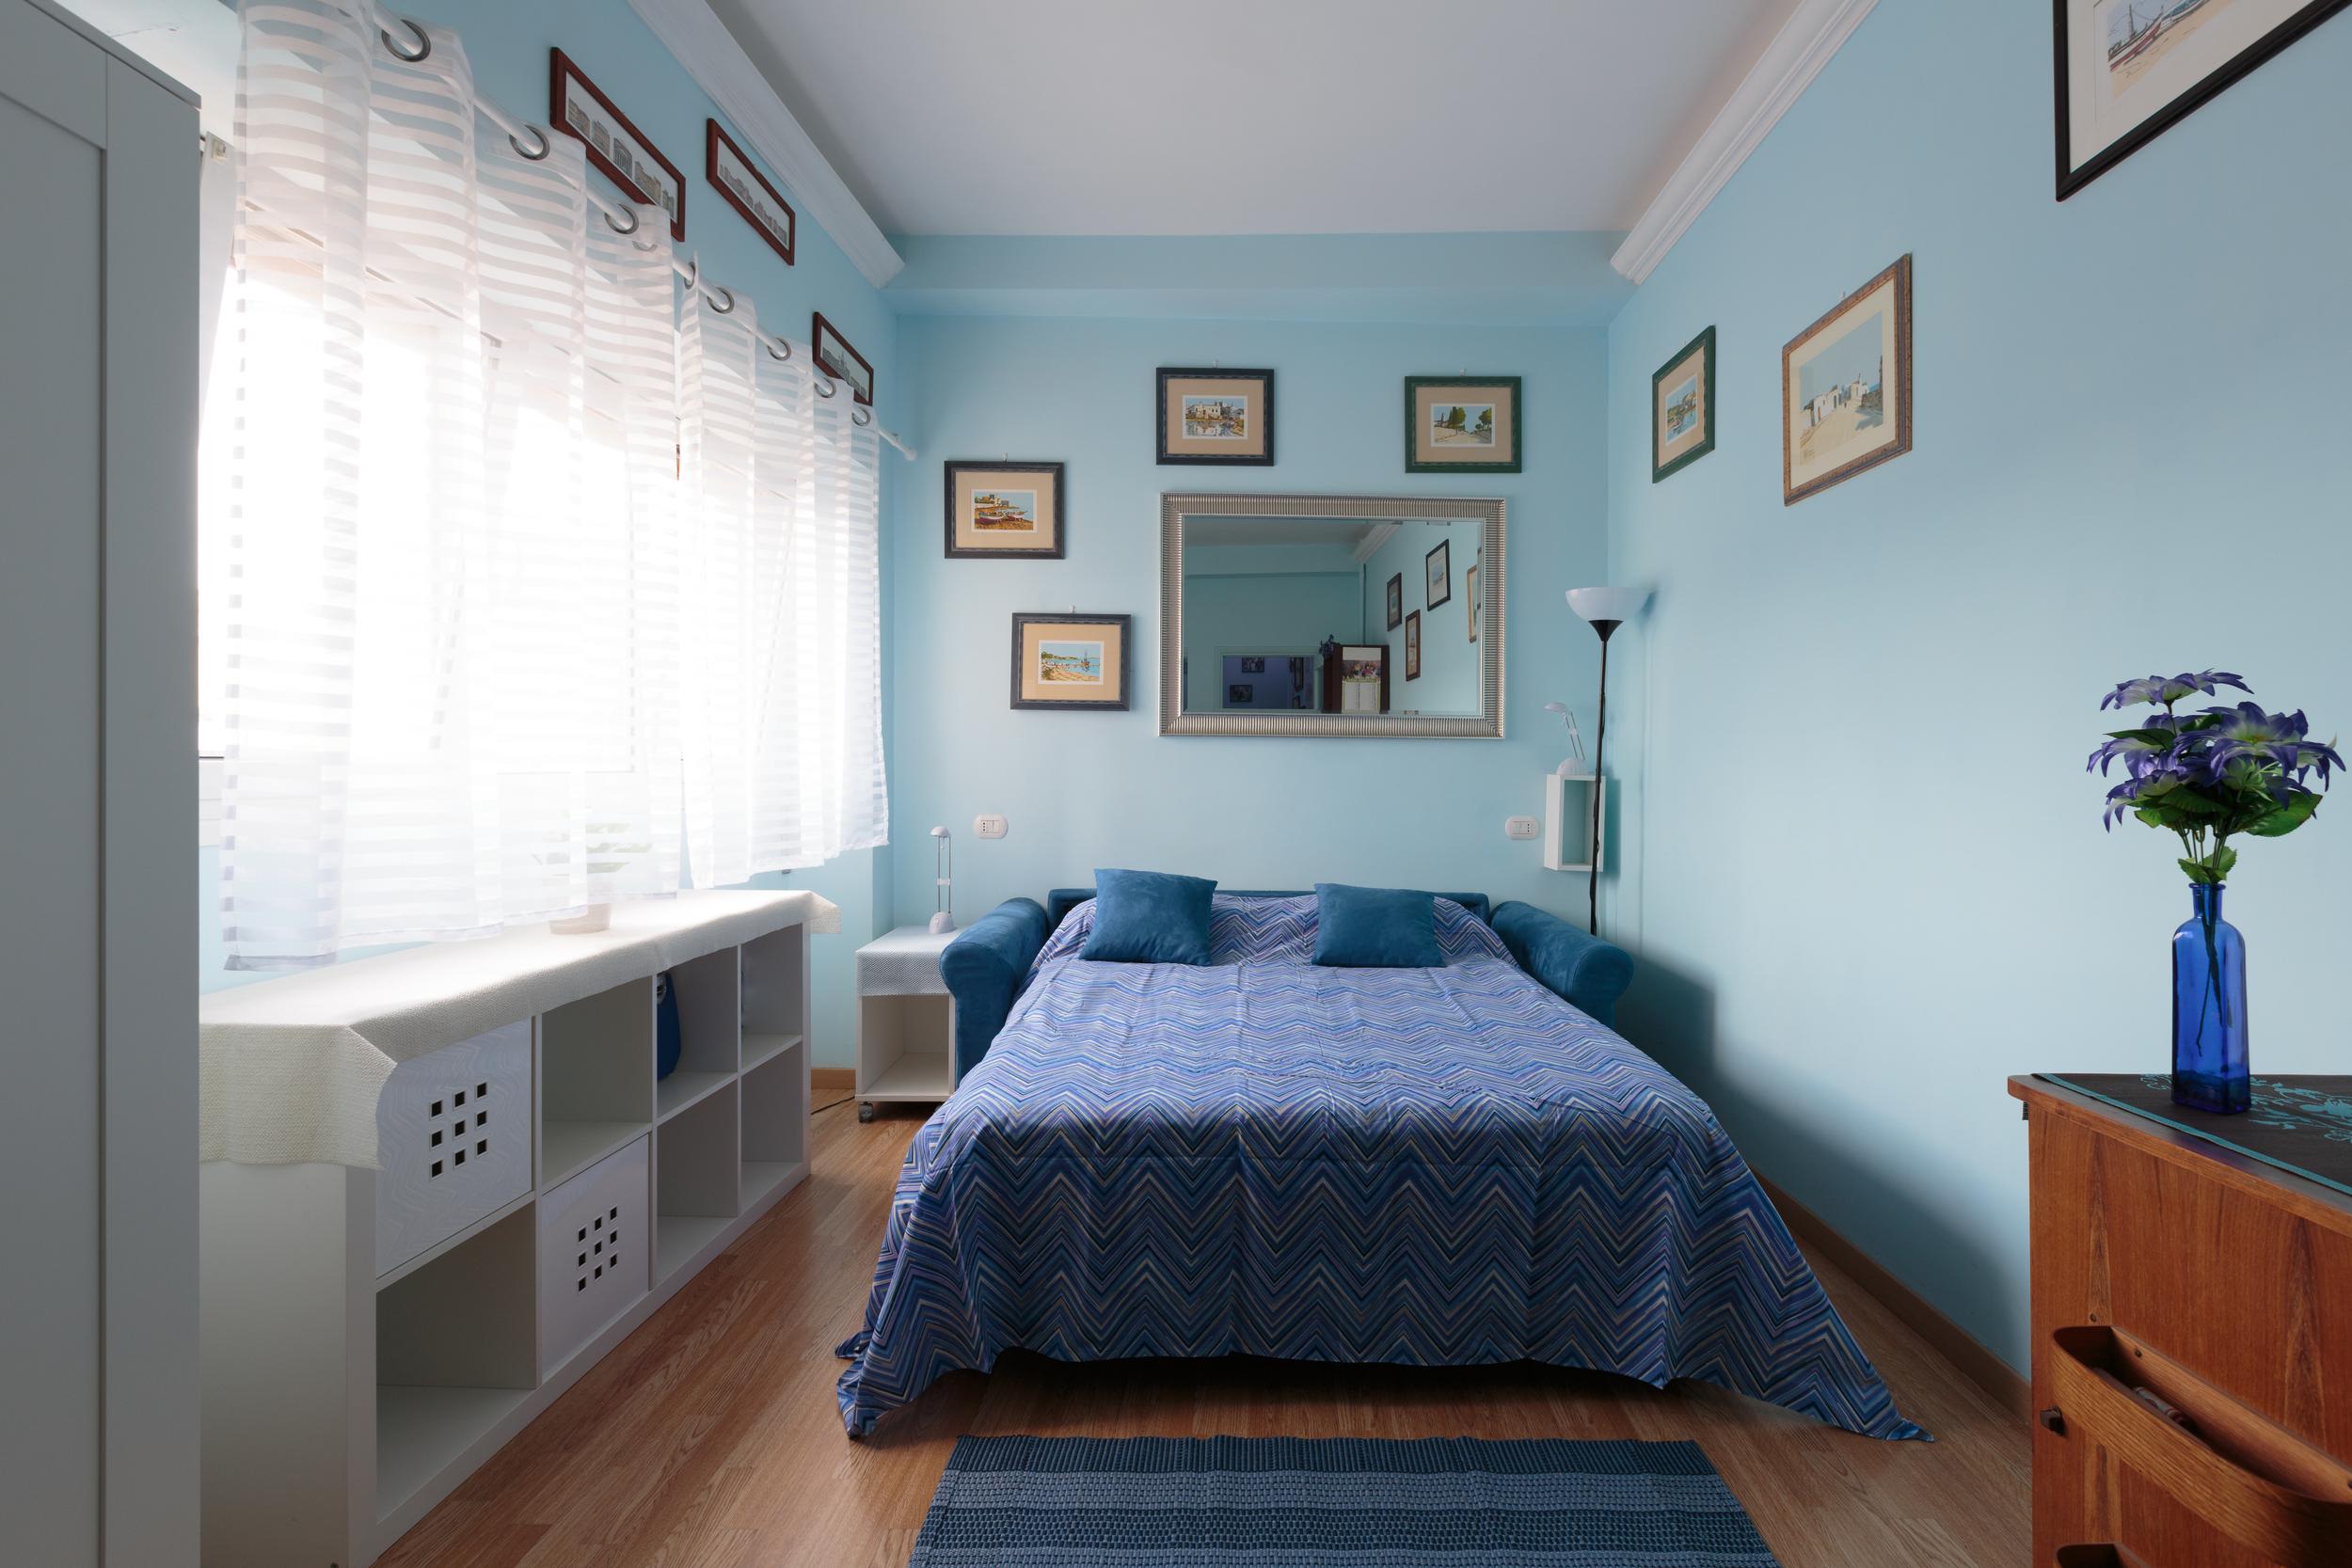 blueroom3.jpg